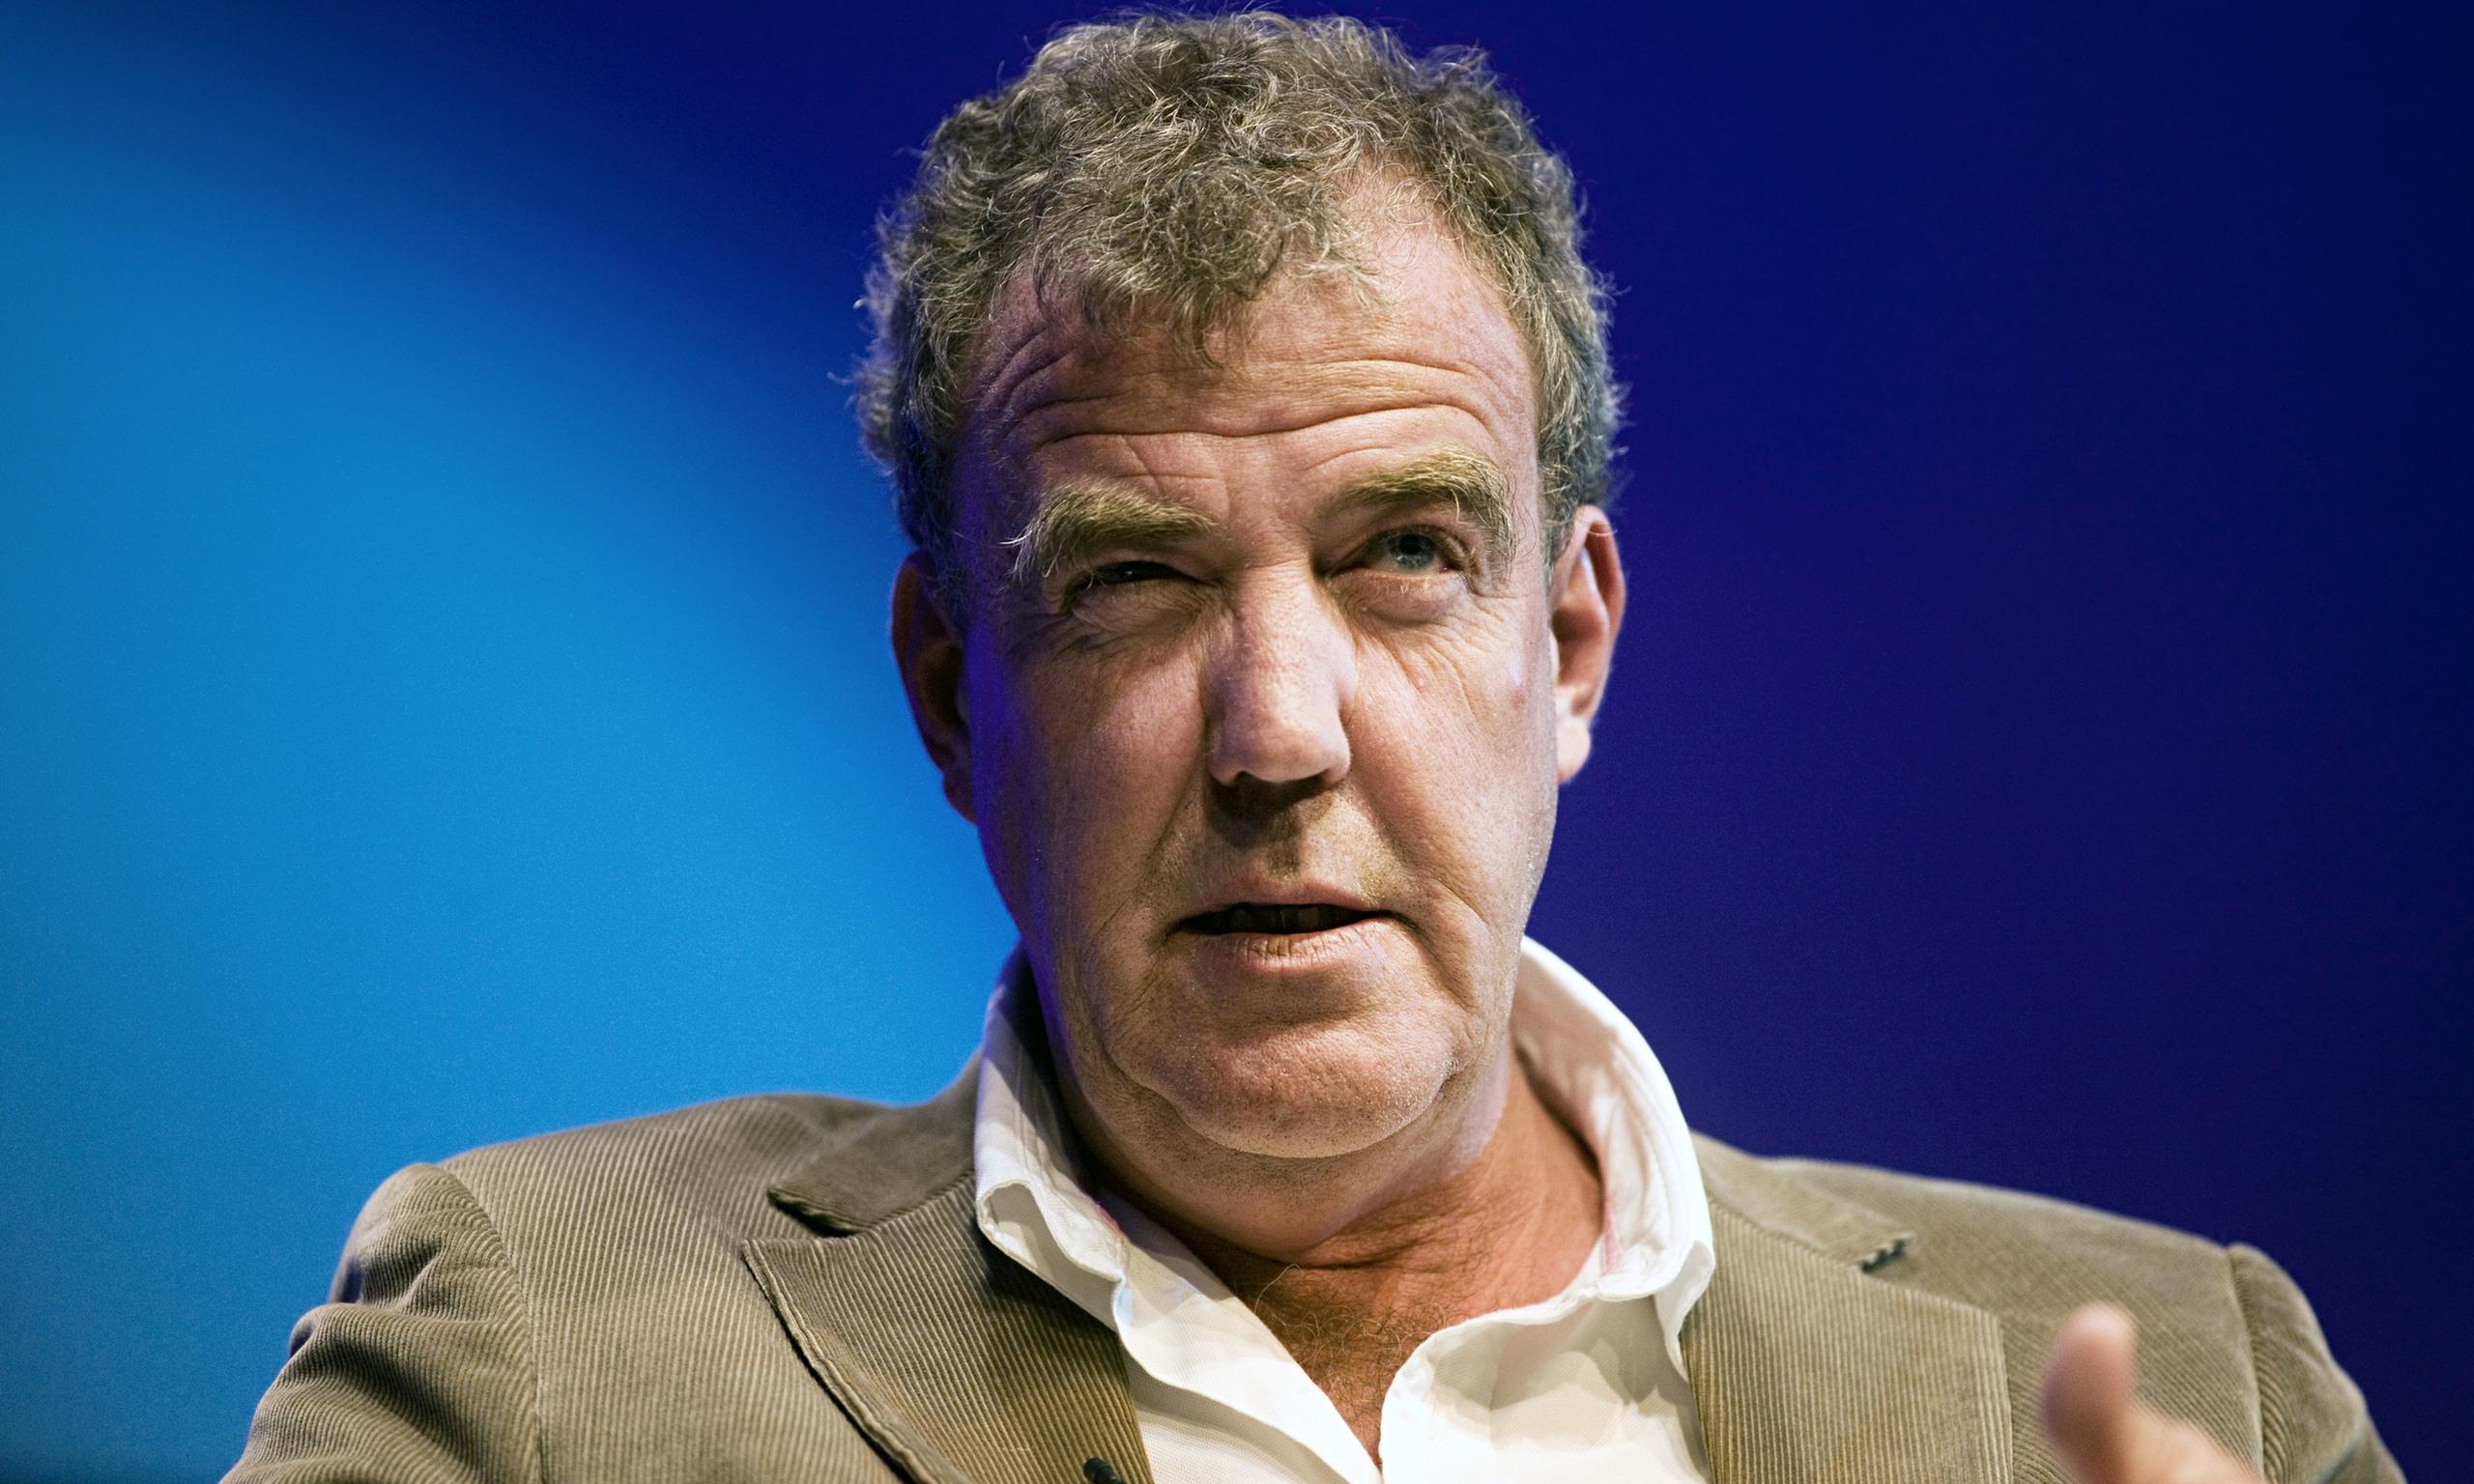 Jeremy Clarkson Hd Wallpaper